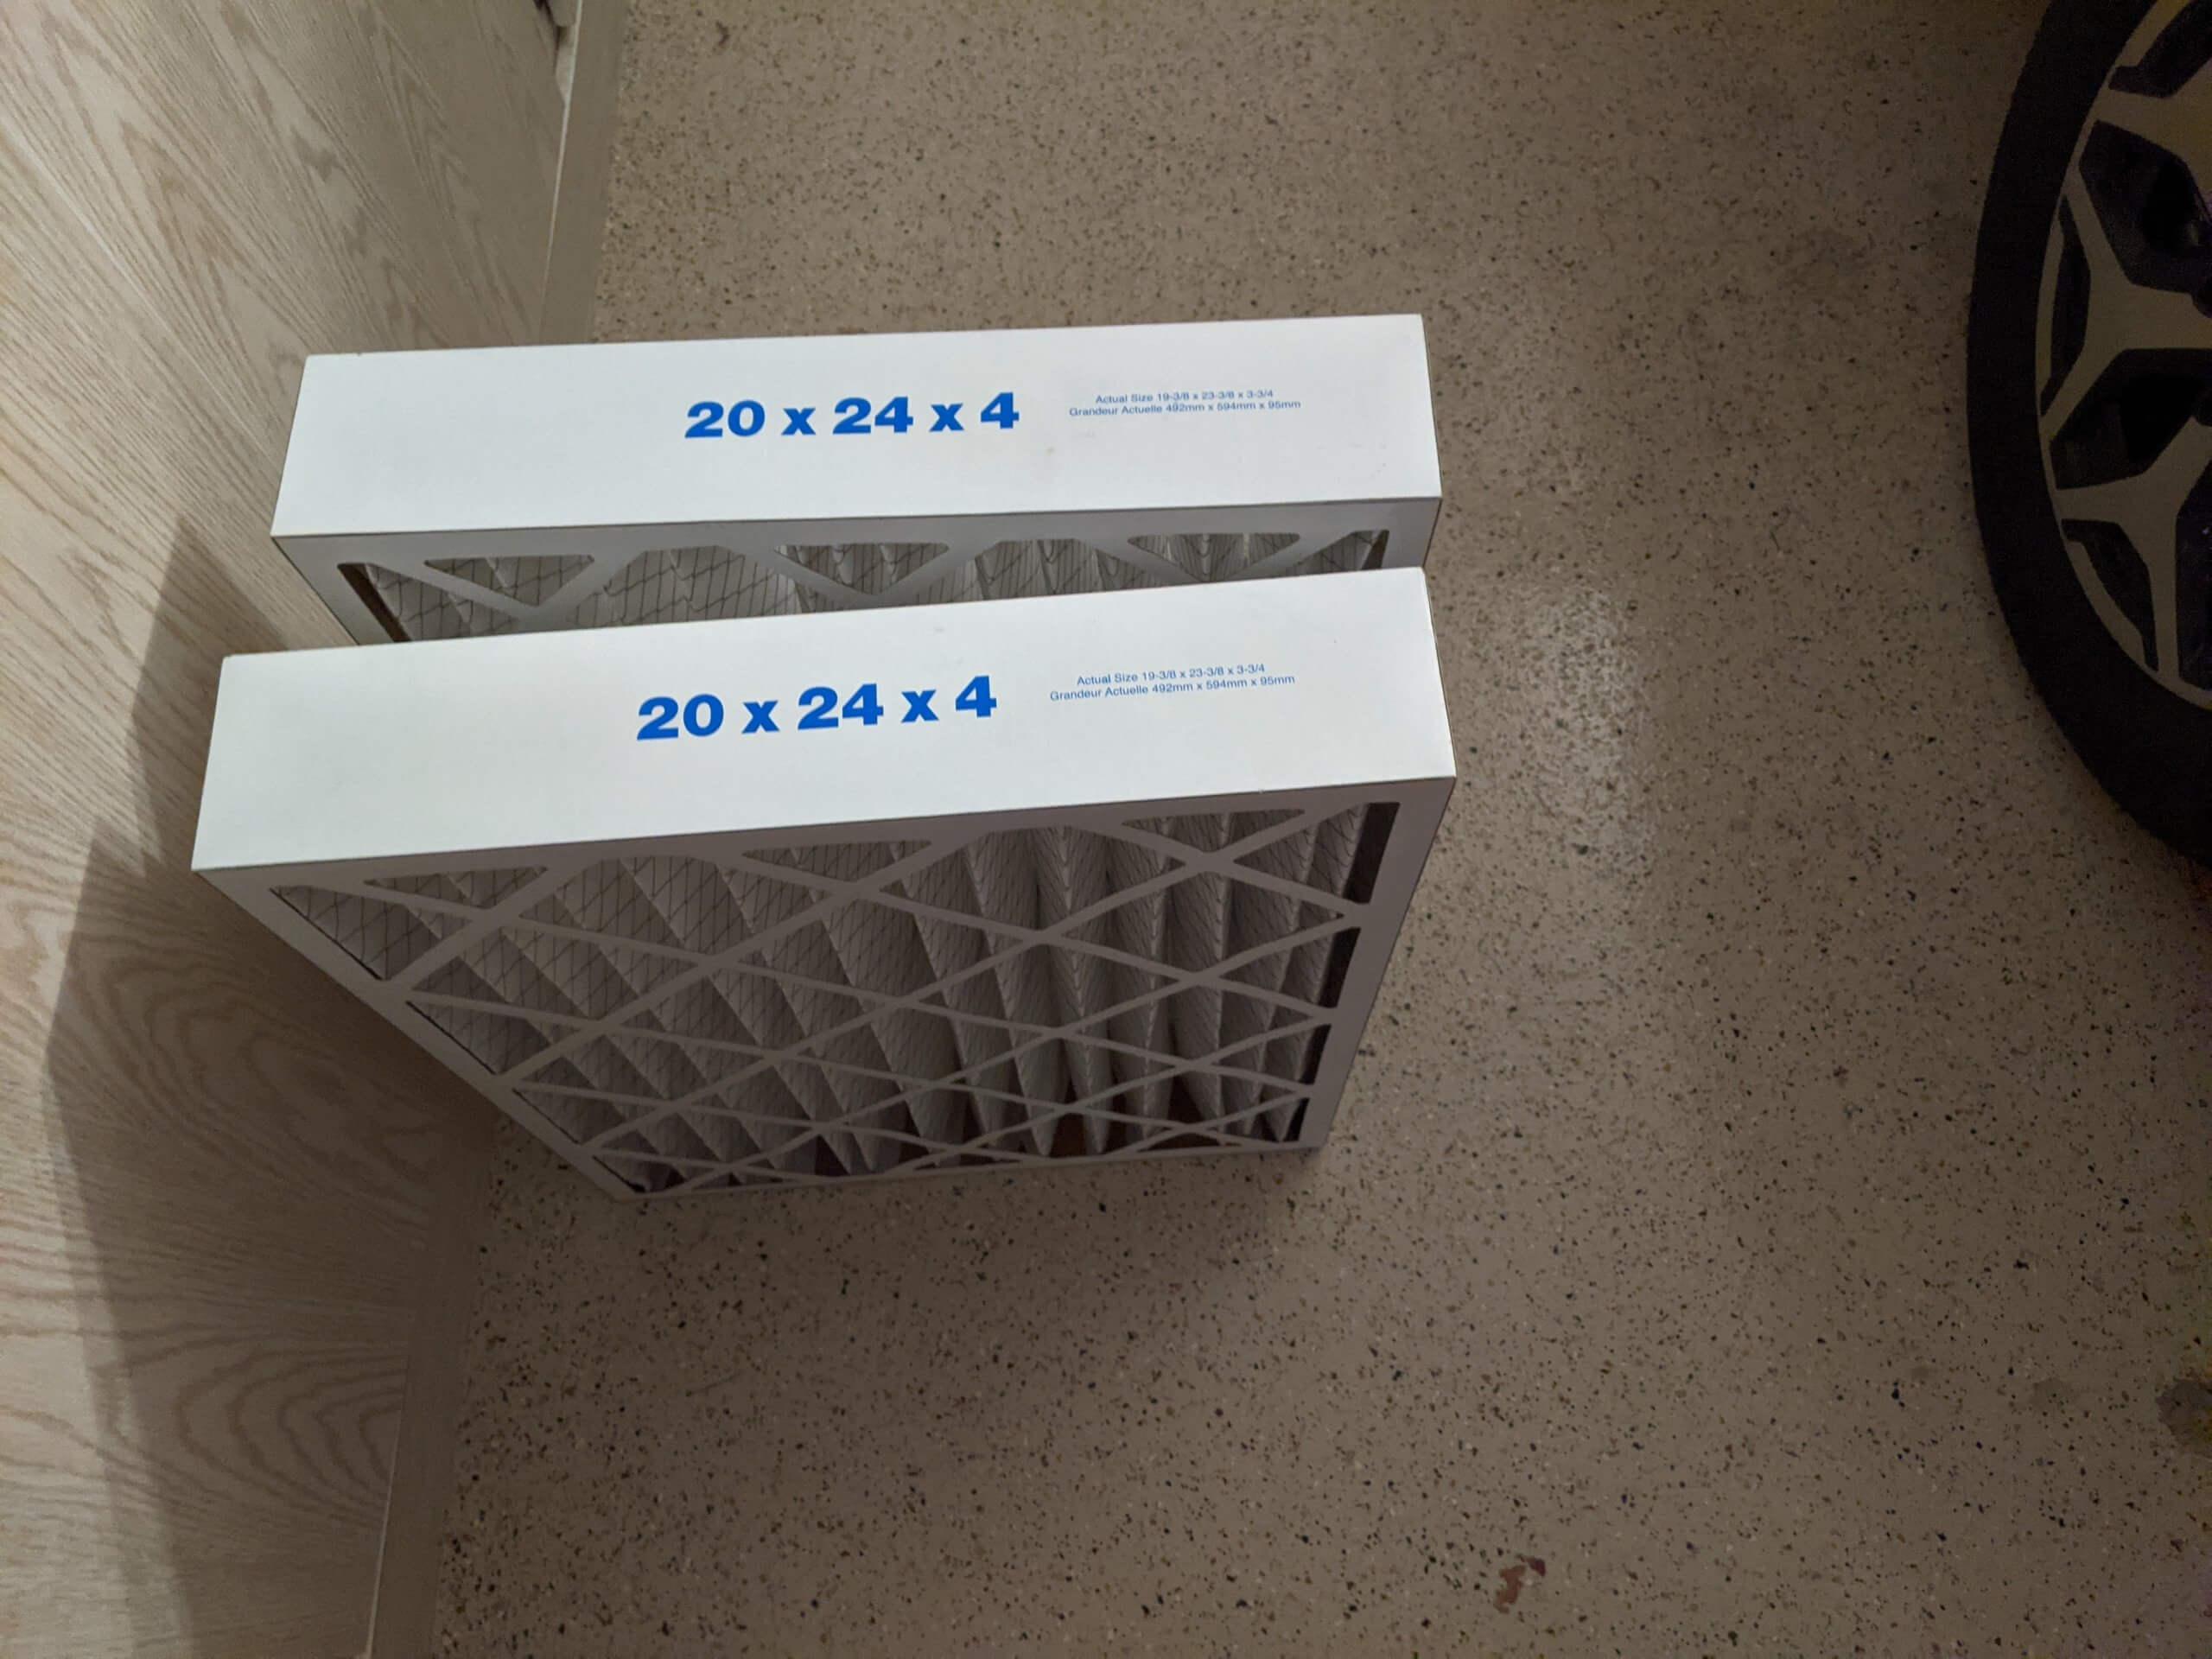 Furnace filters 20x20x4